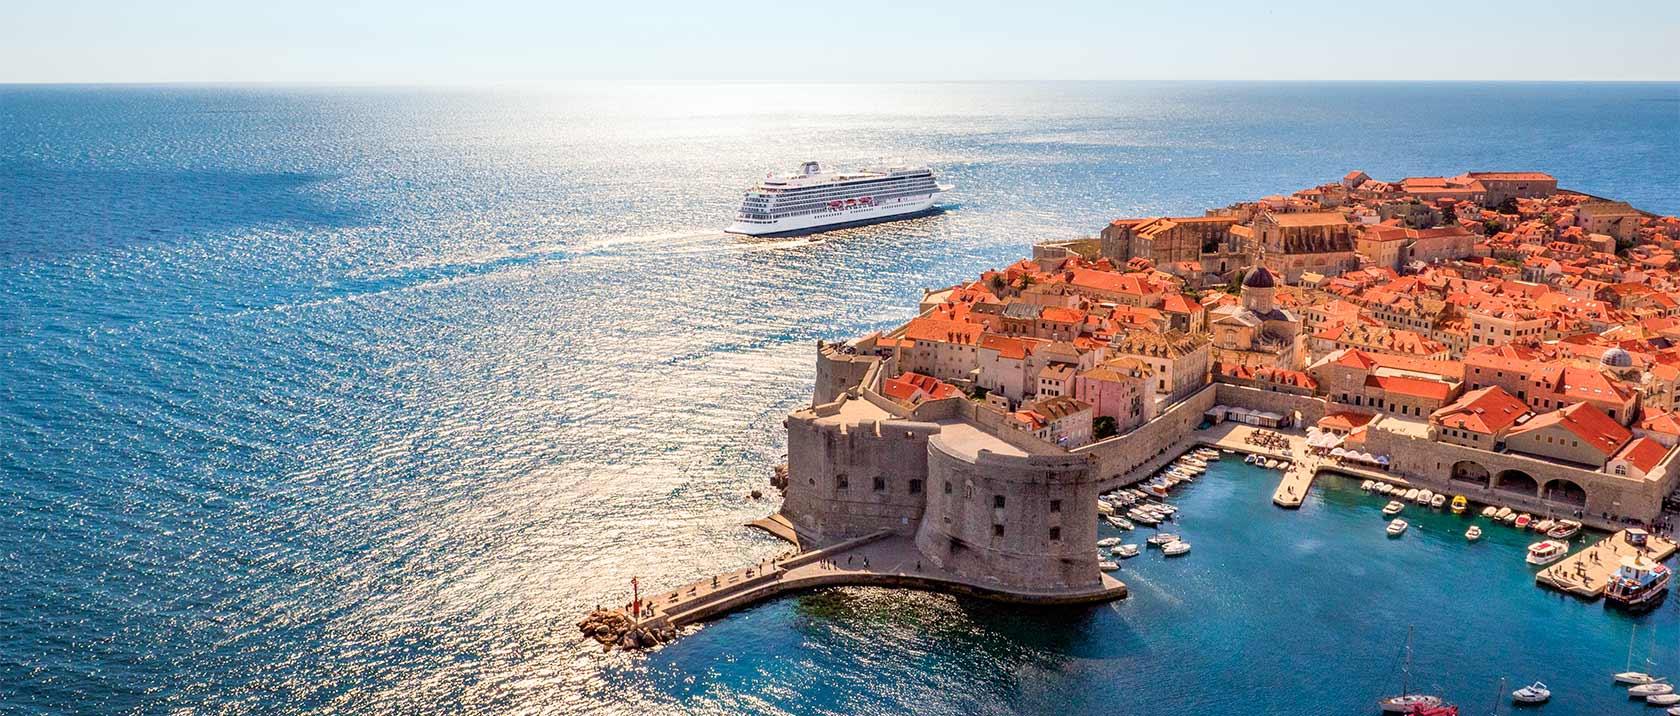 BBC - Primary History - Vikings - Vikings at sea